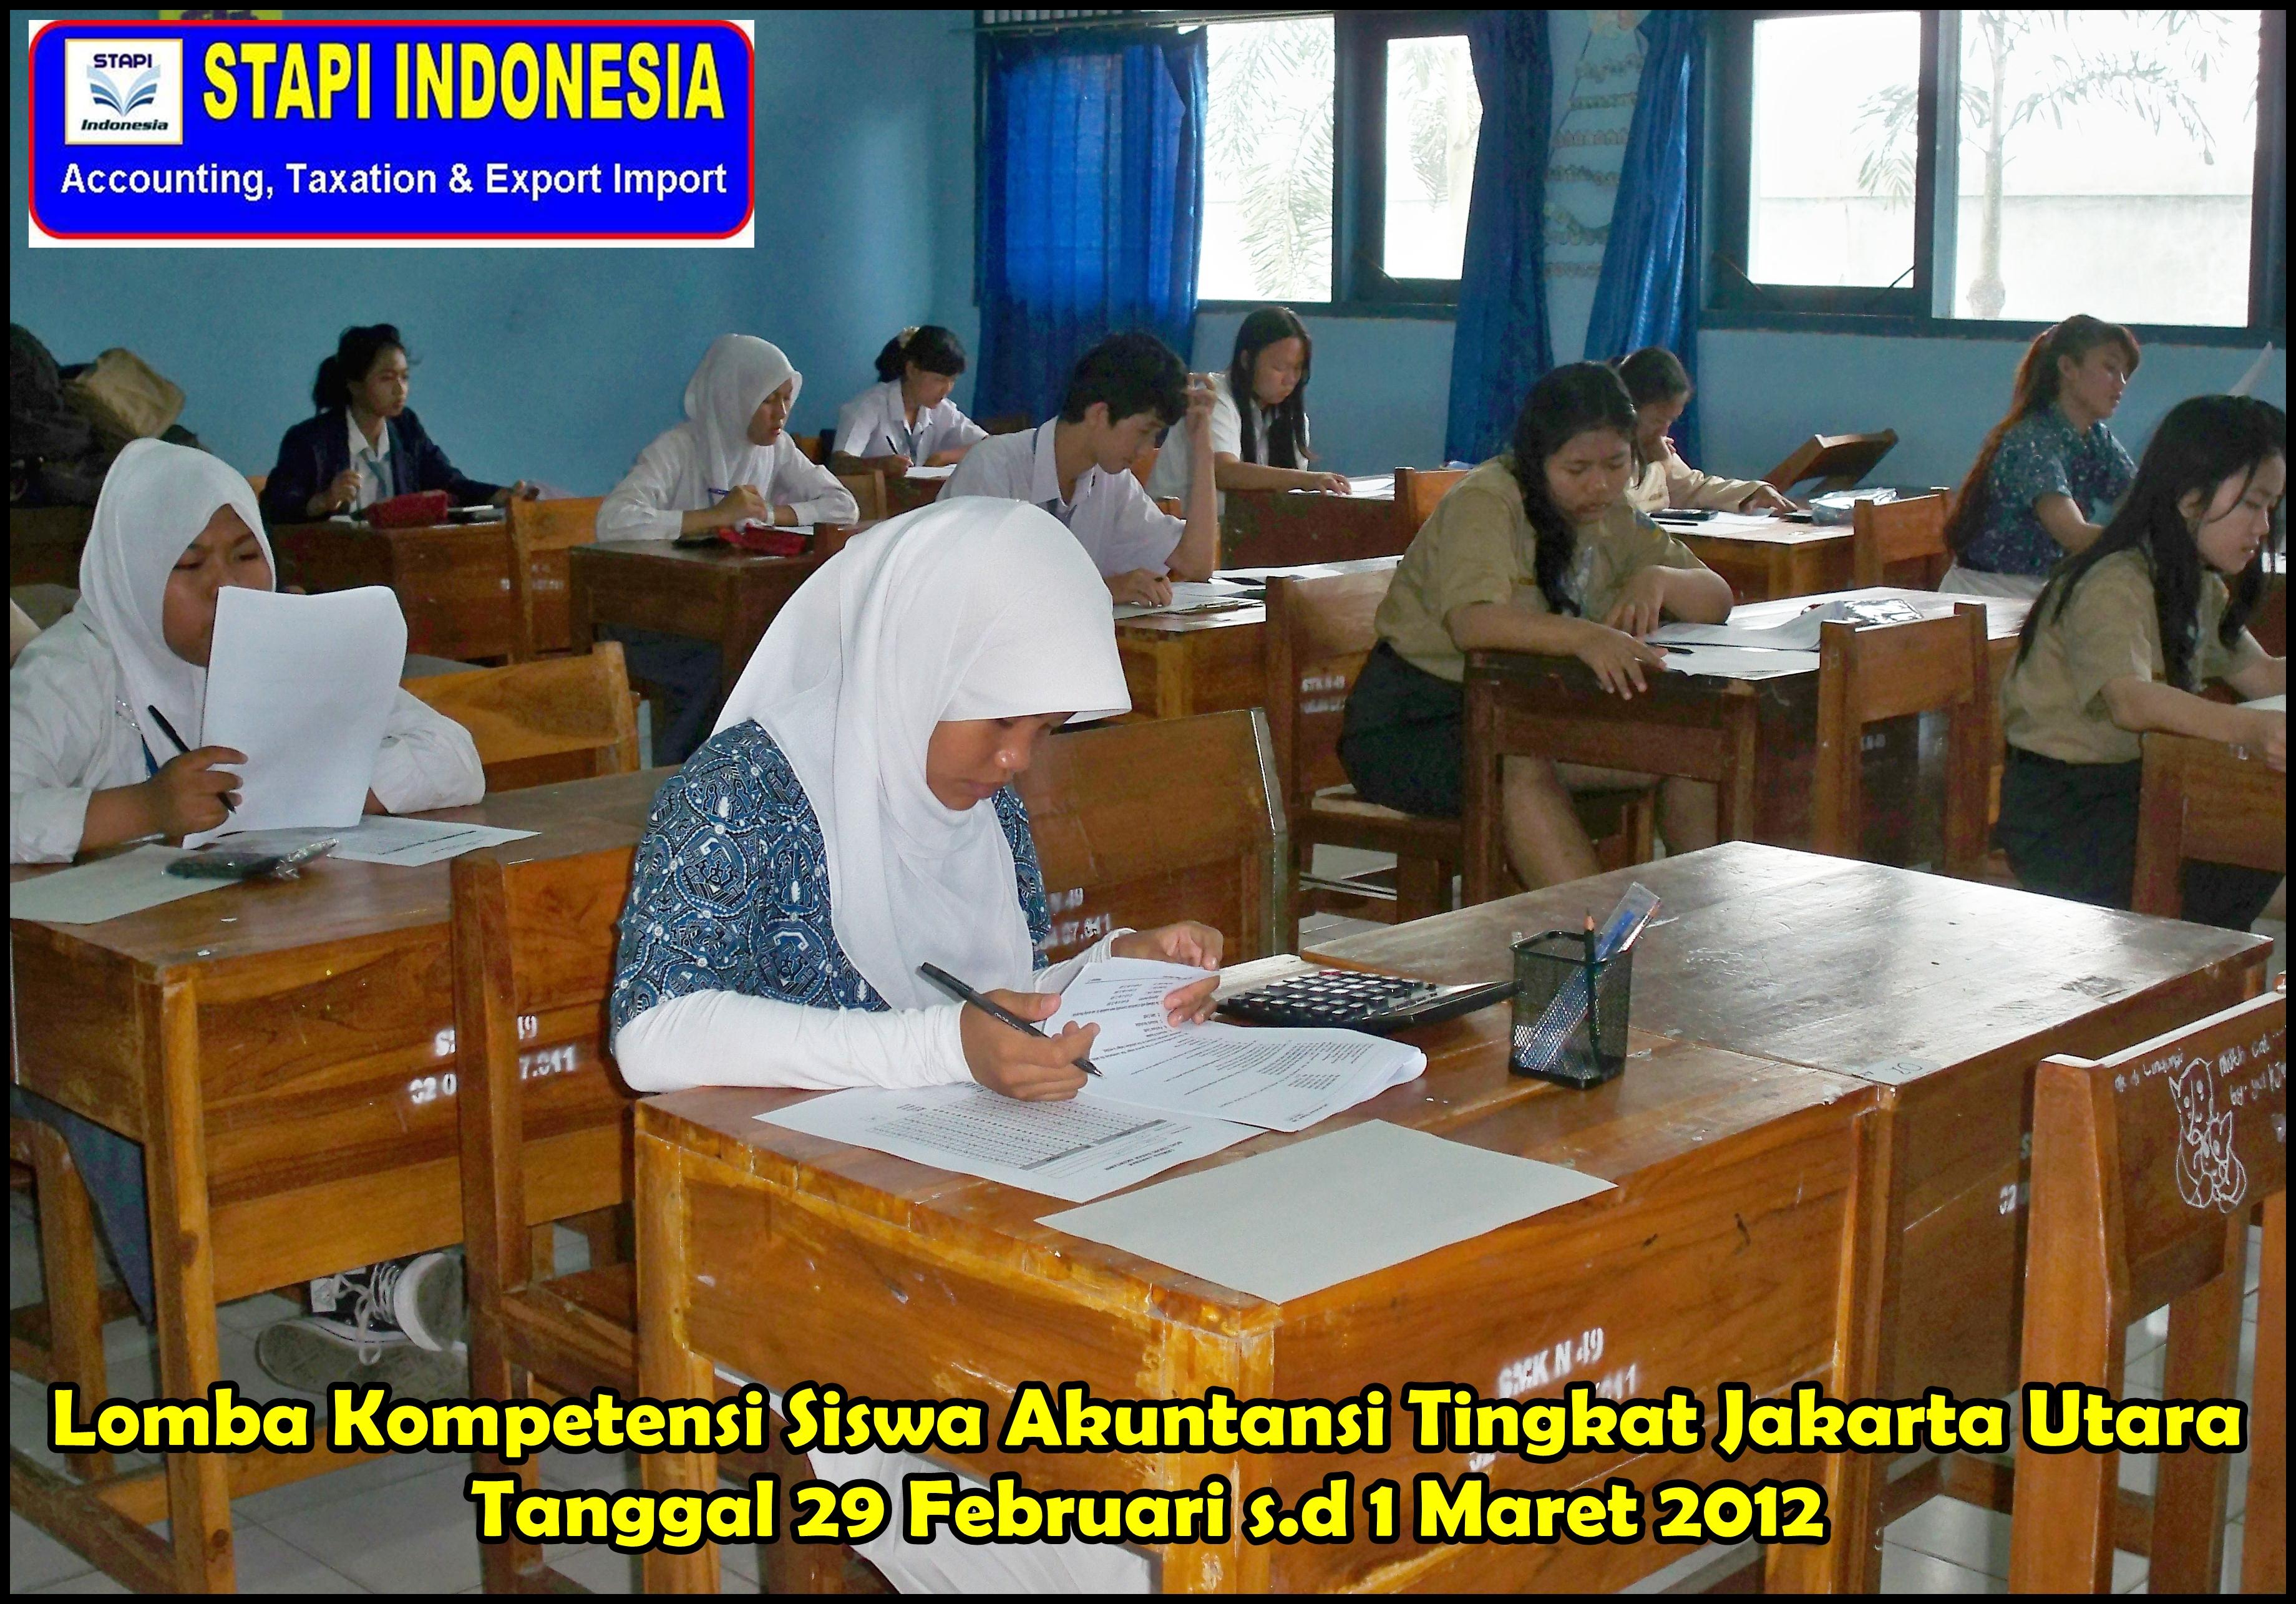 Lomba Kompetensi Siswa Lks Akuntansi Tingkat Jakarta Utara Tahun 2012 Kami Berikan